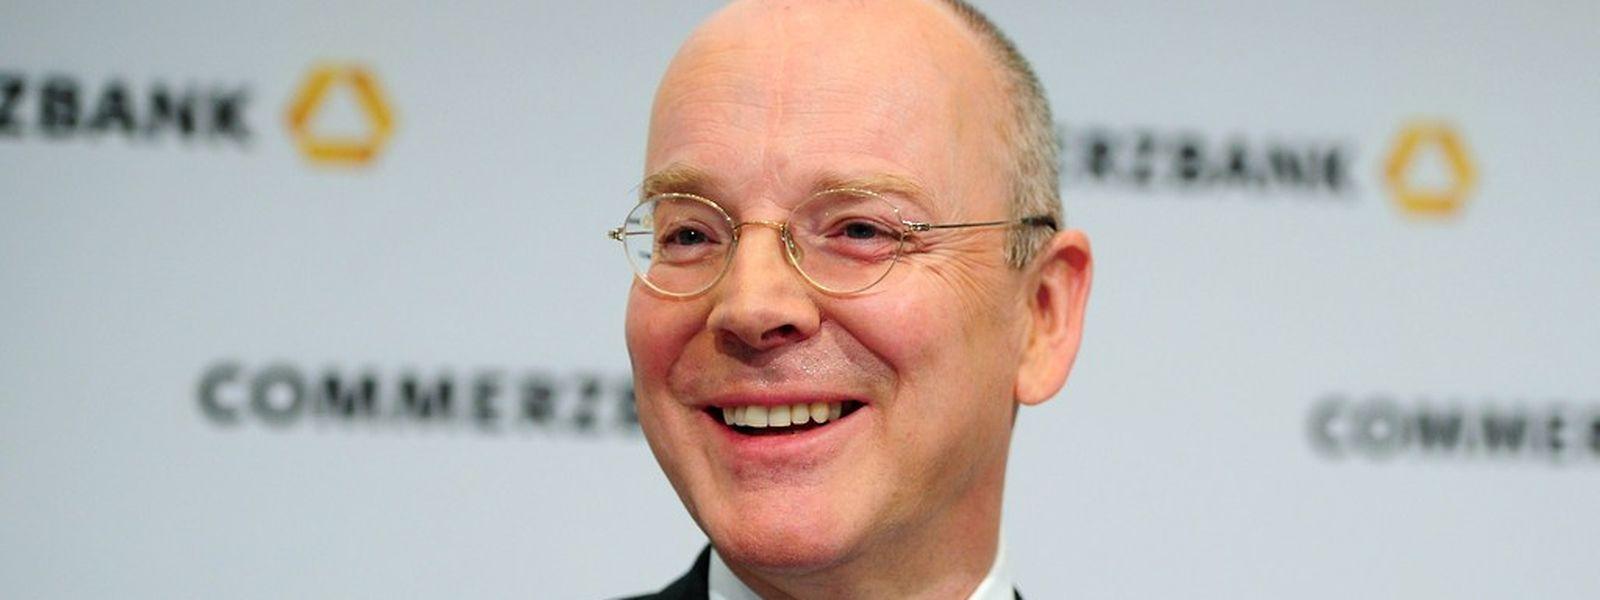 """""""In einem herausfordernden Umfeld sind wir weiter gewachsen, haben mehr Kredite vergeben und Marktanteile gewonnen"""", bilanzierte Commerzbank-Chef Martin Blessing."""